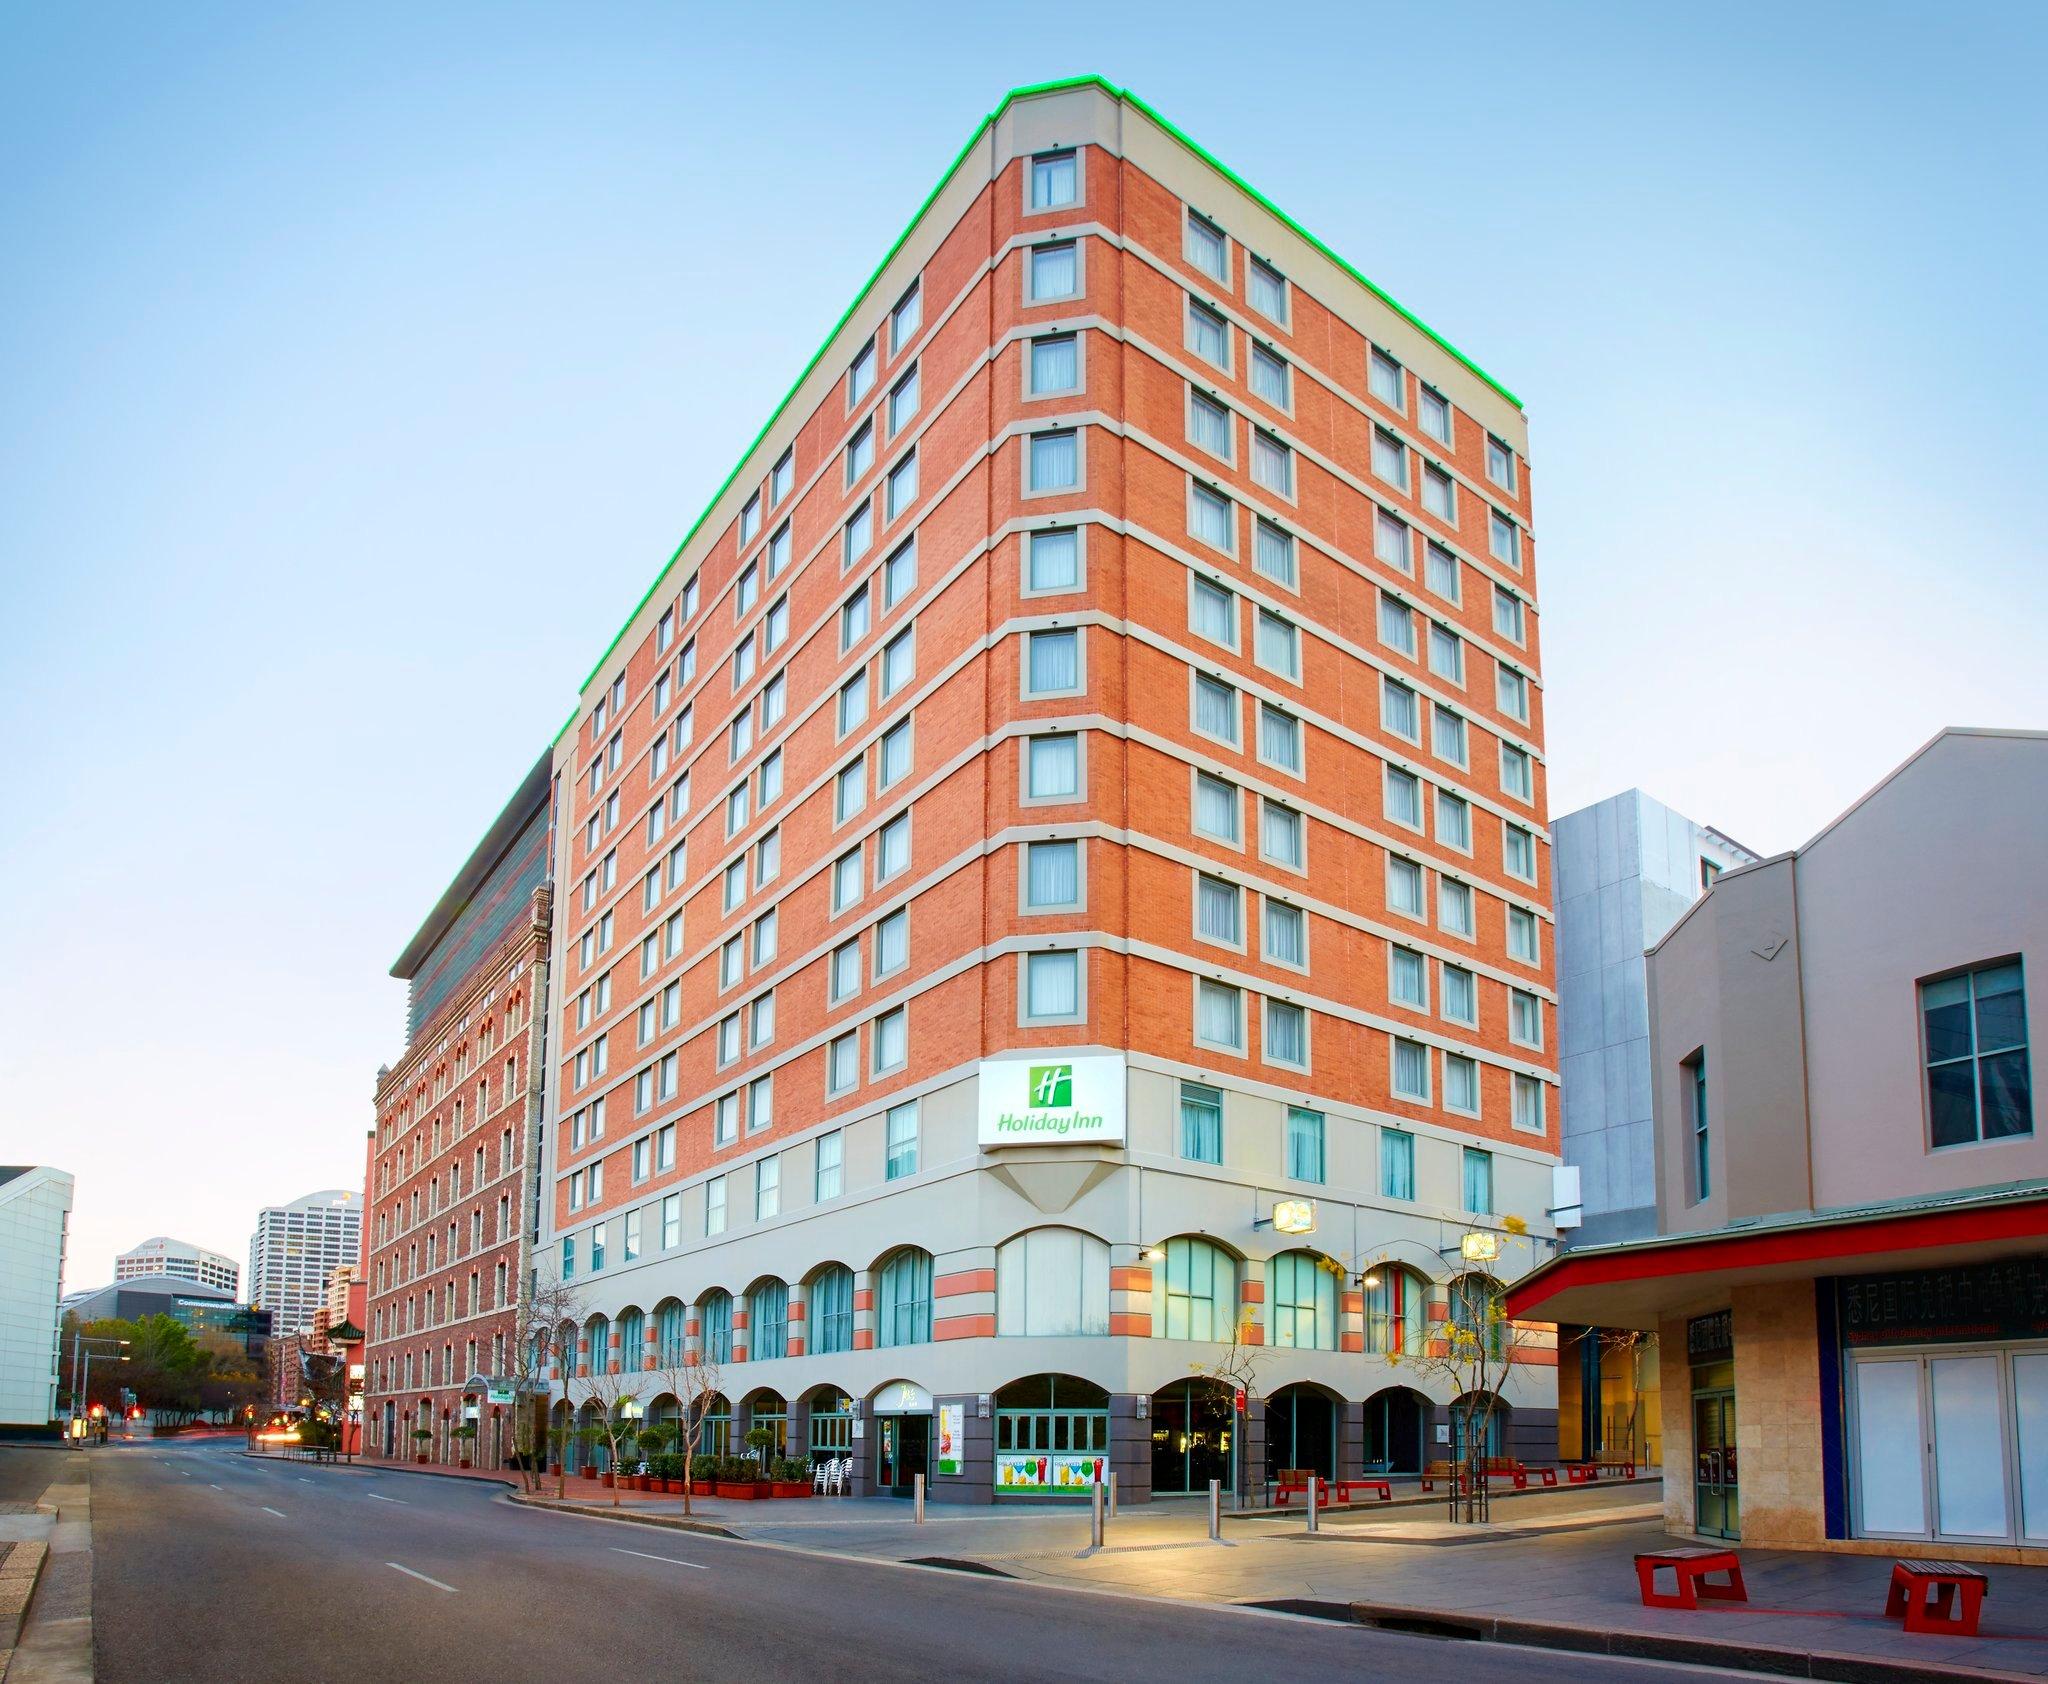 โรงแรมฮอลิเดย์อินน์ดาร์ลิ้งฮาร์เบอร์